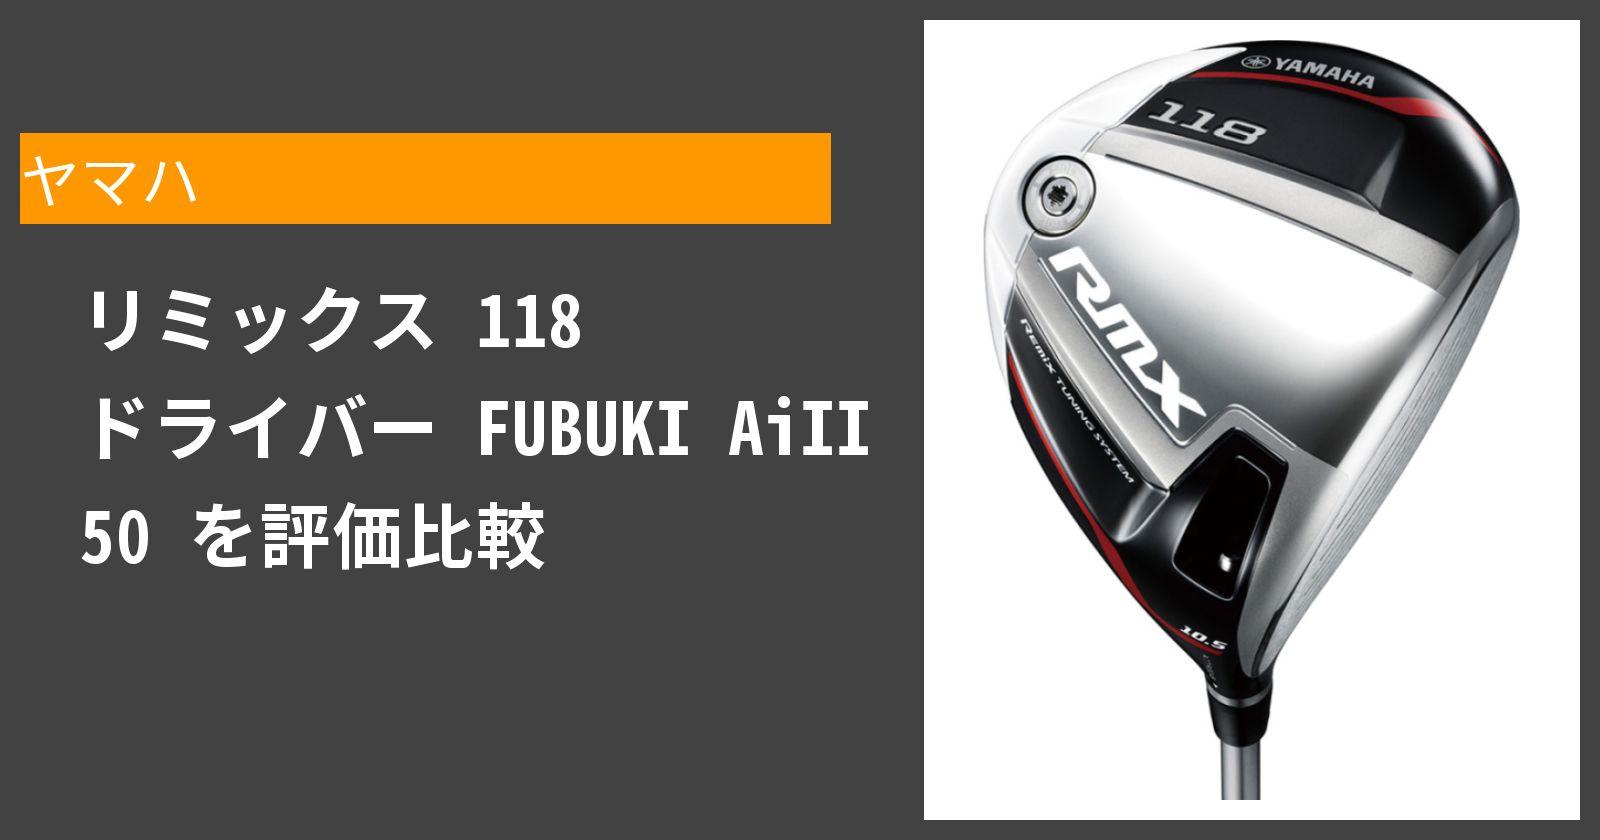 リミックス 118 ドライバー FUBUKI AiII 50を徹底評価